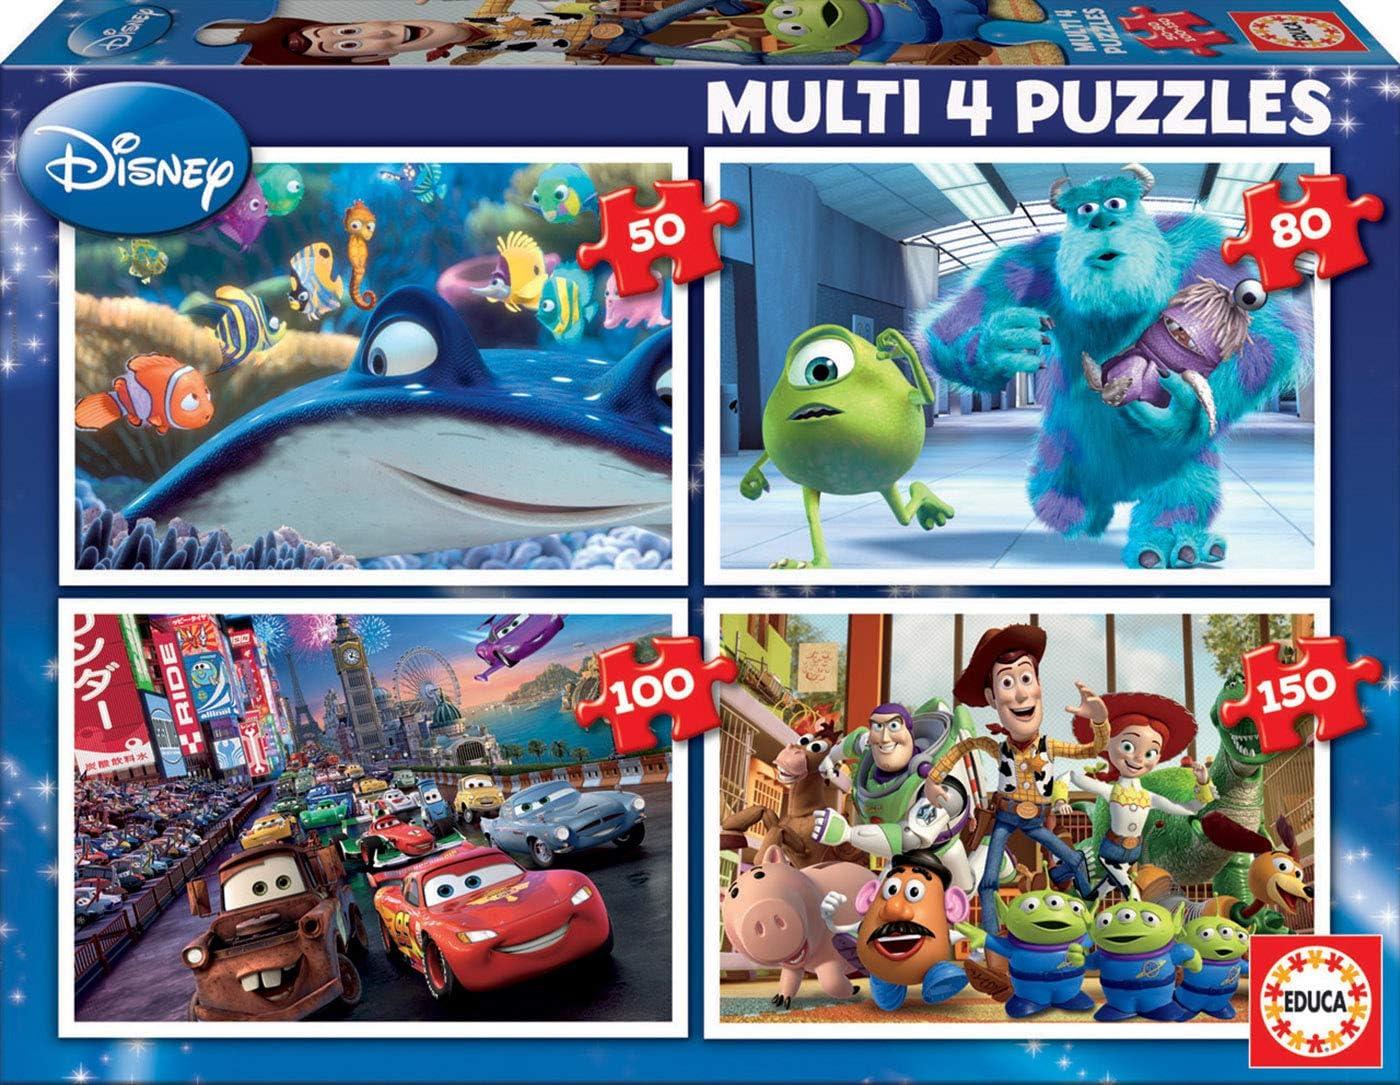 Educa - Multi 4 Puzzles Junior, puzzle infantil Pixar: Buscando a Nemo, Monster Inc, Cars y Toy Story de 50,80,100 y 150 piezas, a partir de 5 años (15615)